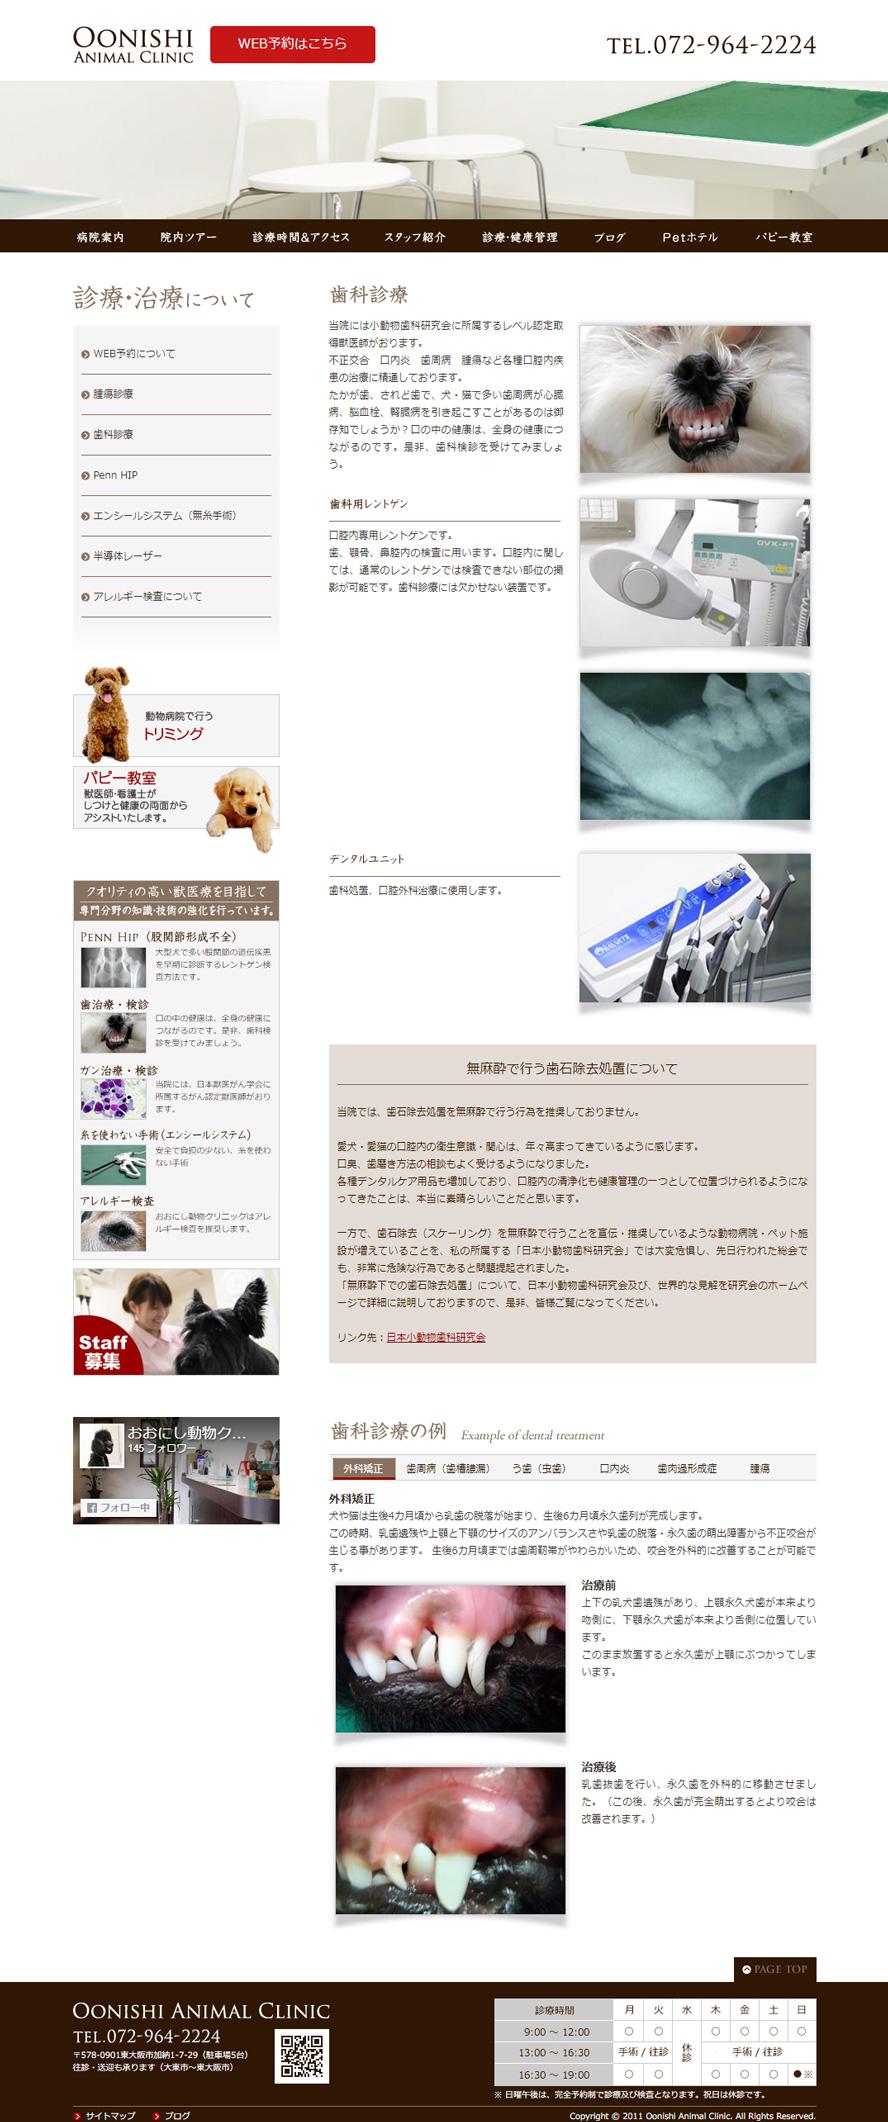 東大阪市のおおにし動物クリニック様ホームページ:動物歯科のご説明